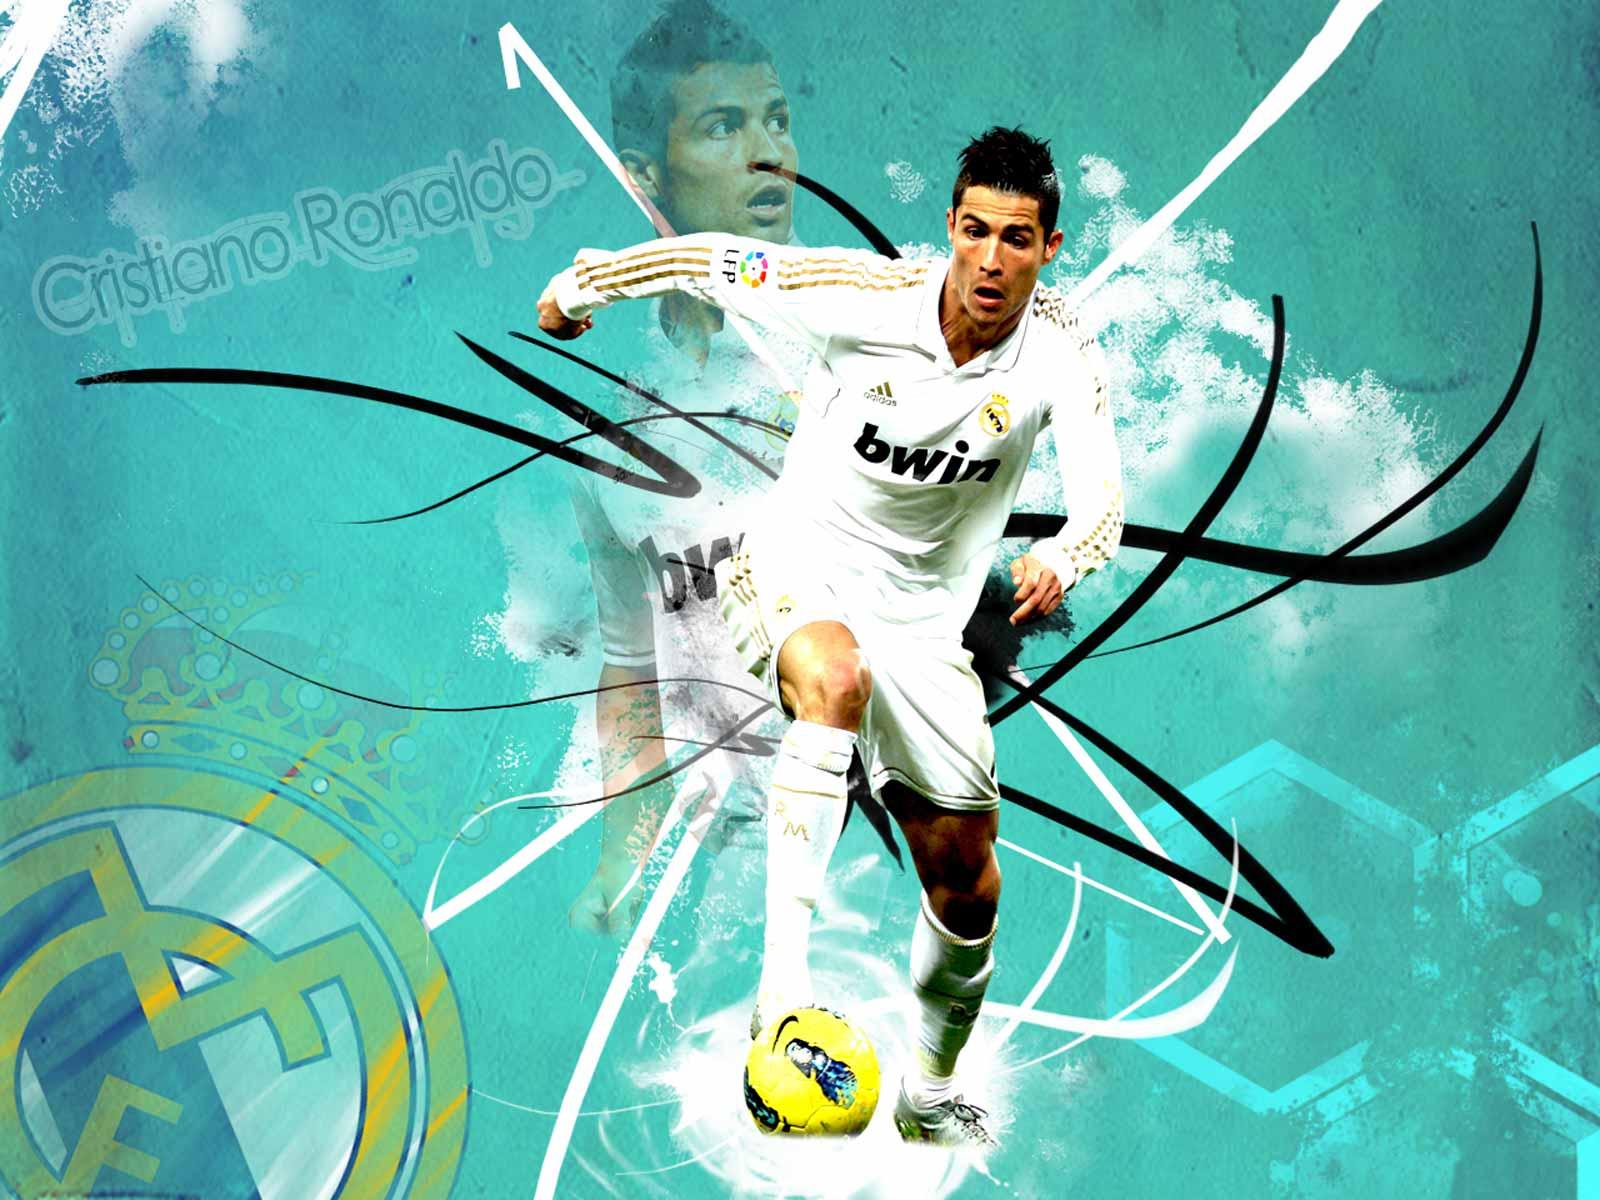 http://4.bp.blogspot.com/-QsOdwogtO6Y/UVW1SKe_S6I/AAAAAAAAA2Q/_vstNraCLvc/s1600/Cristiano_Ronaldo_Real_Madrid.jpg